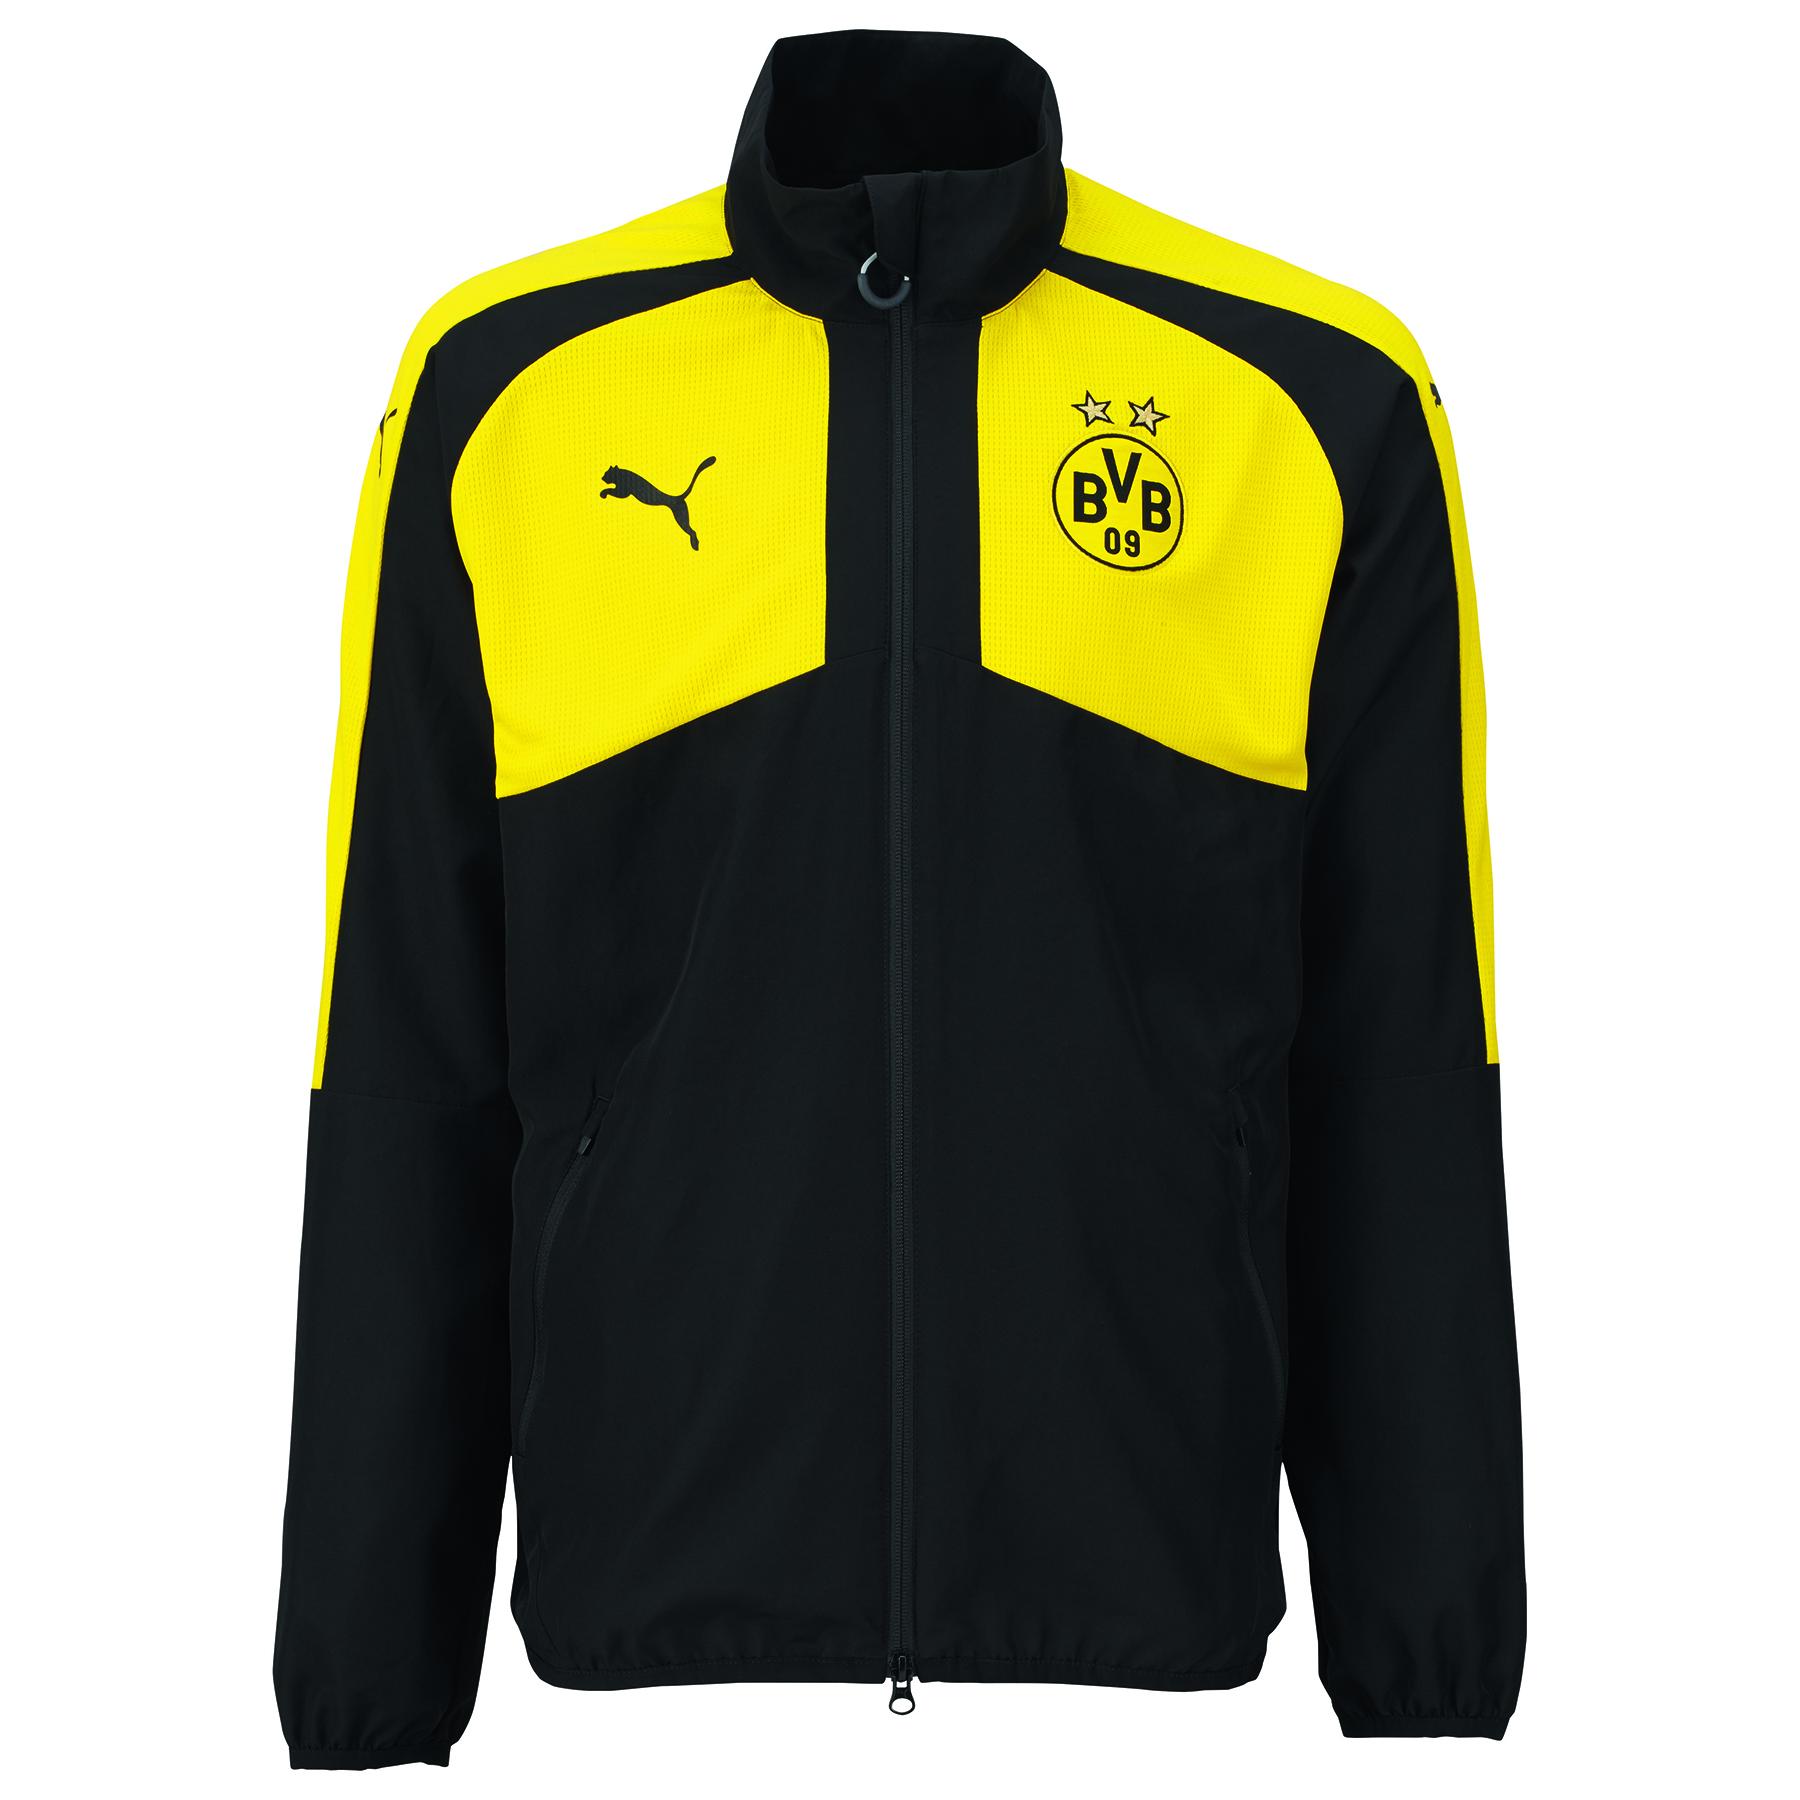 ec52c450a0051 Futbalové kluby (všetky) | Puma Borussia Dortmund BVB 09 mikina ...